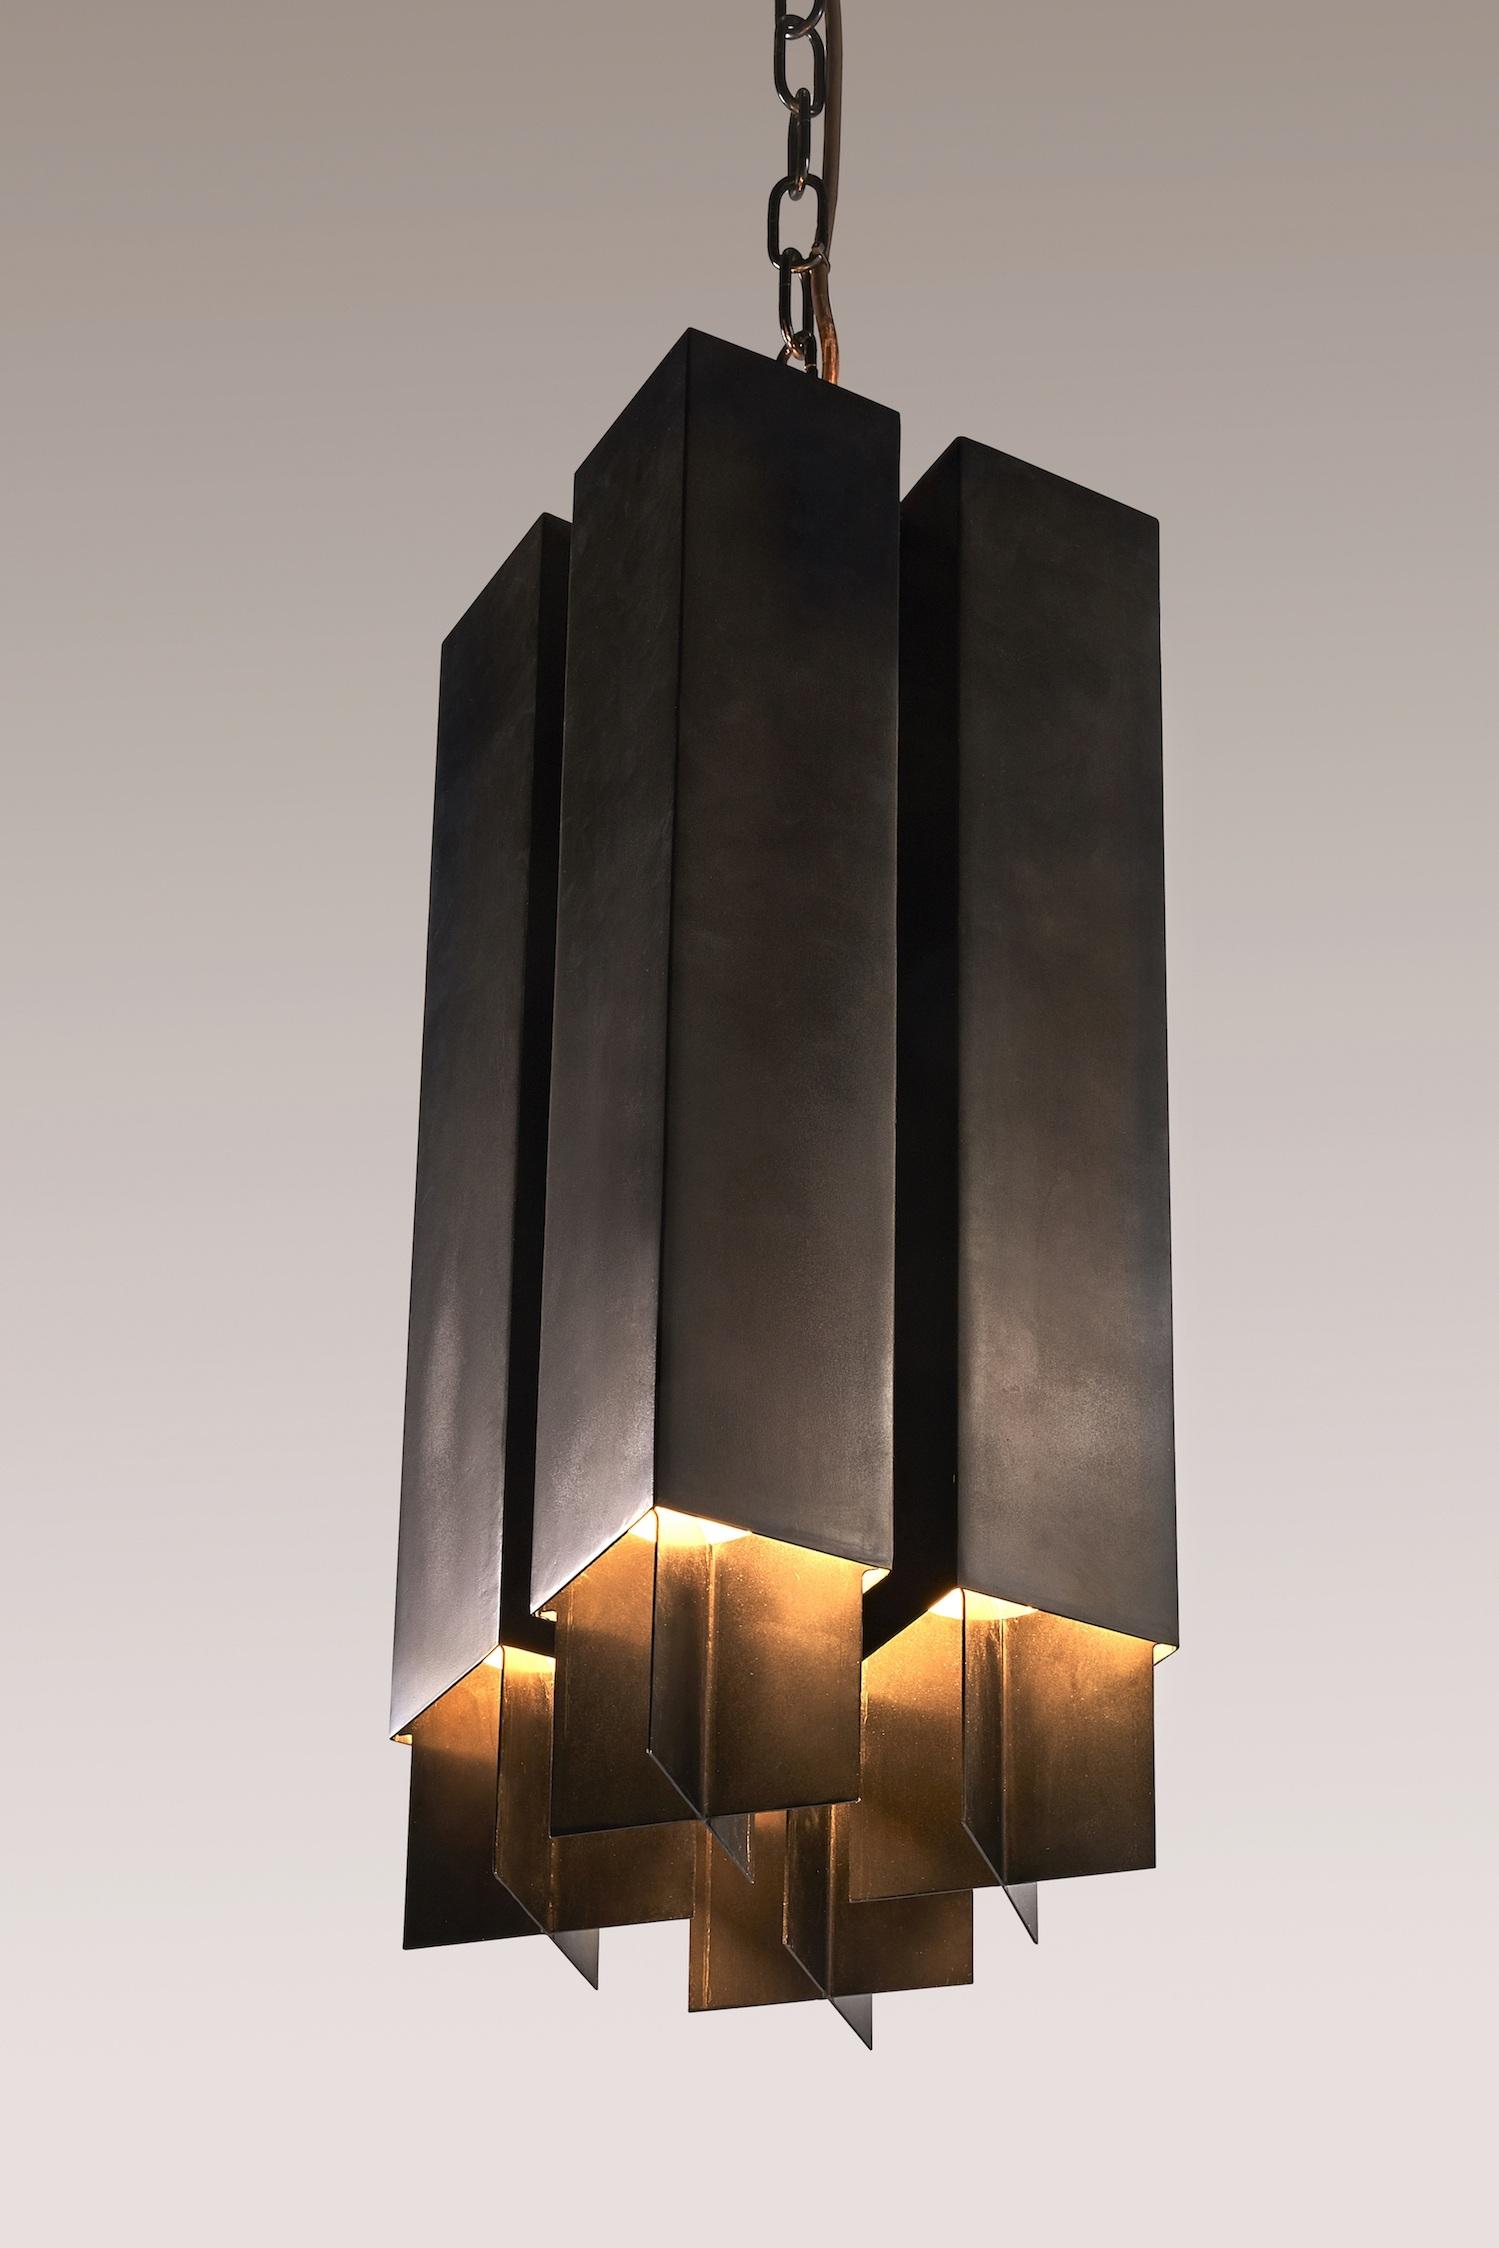 Nader-Gammas-Lighting-Design-Wind Tall.jpg